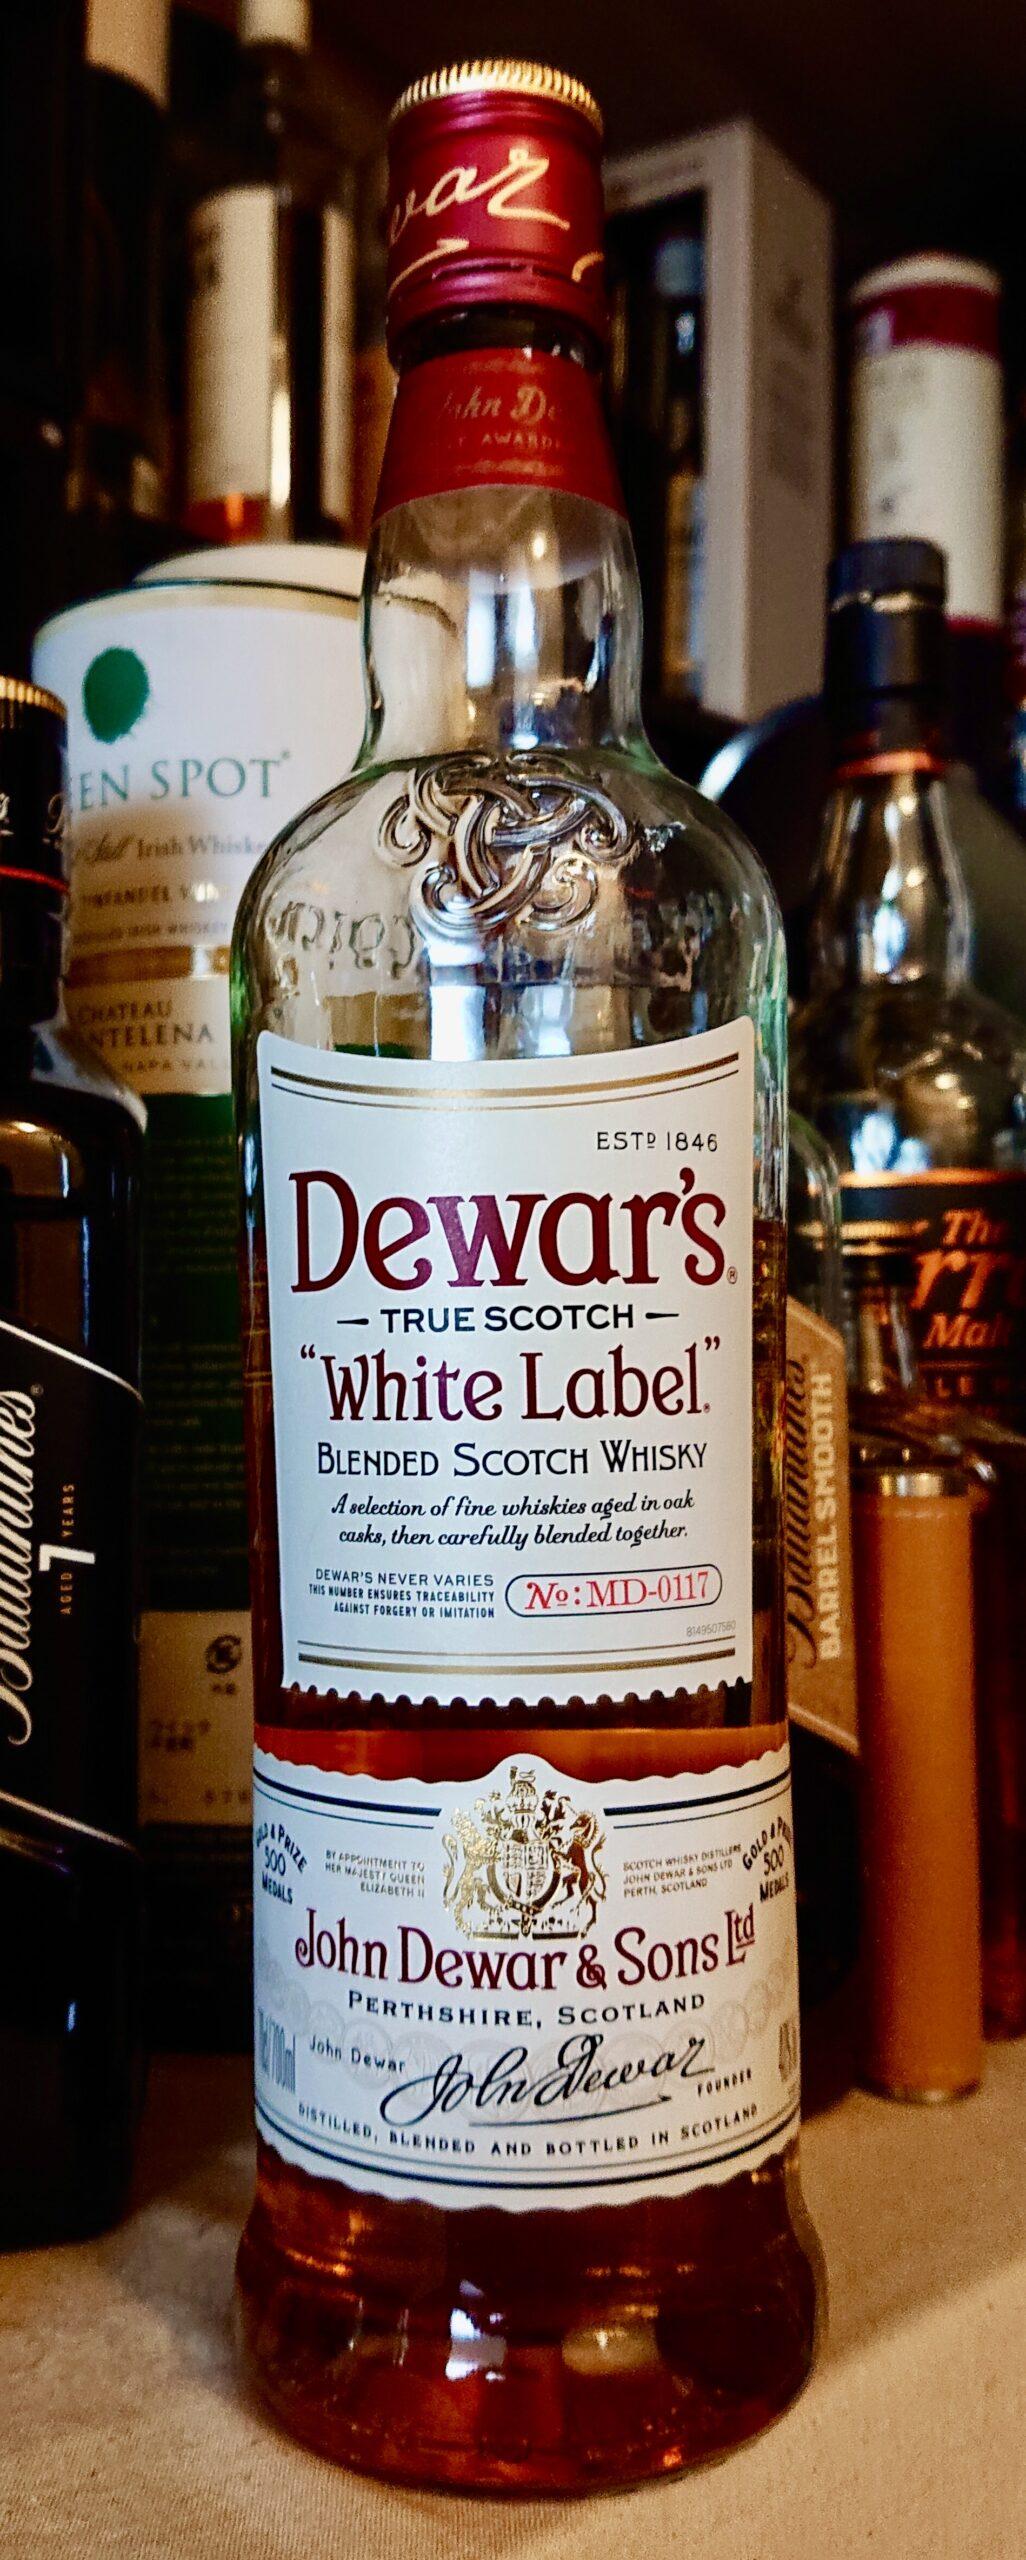 デュワーズホワイトラベルのテイスティング&レヴュー・アメリカでの売り上げNo.1バーテンダー支持No.1 、ハイボールにも最適なコスパ最高峰の有名ブレンデッド!